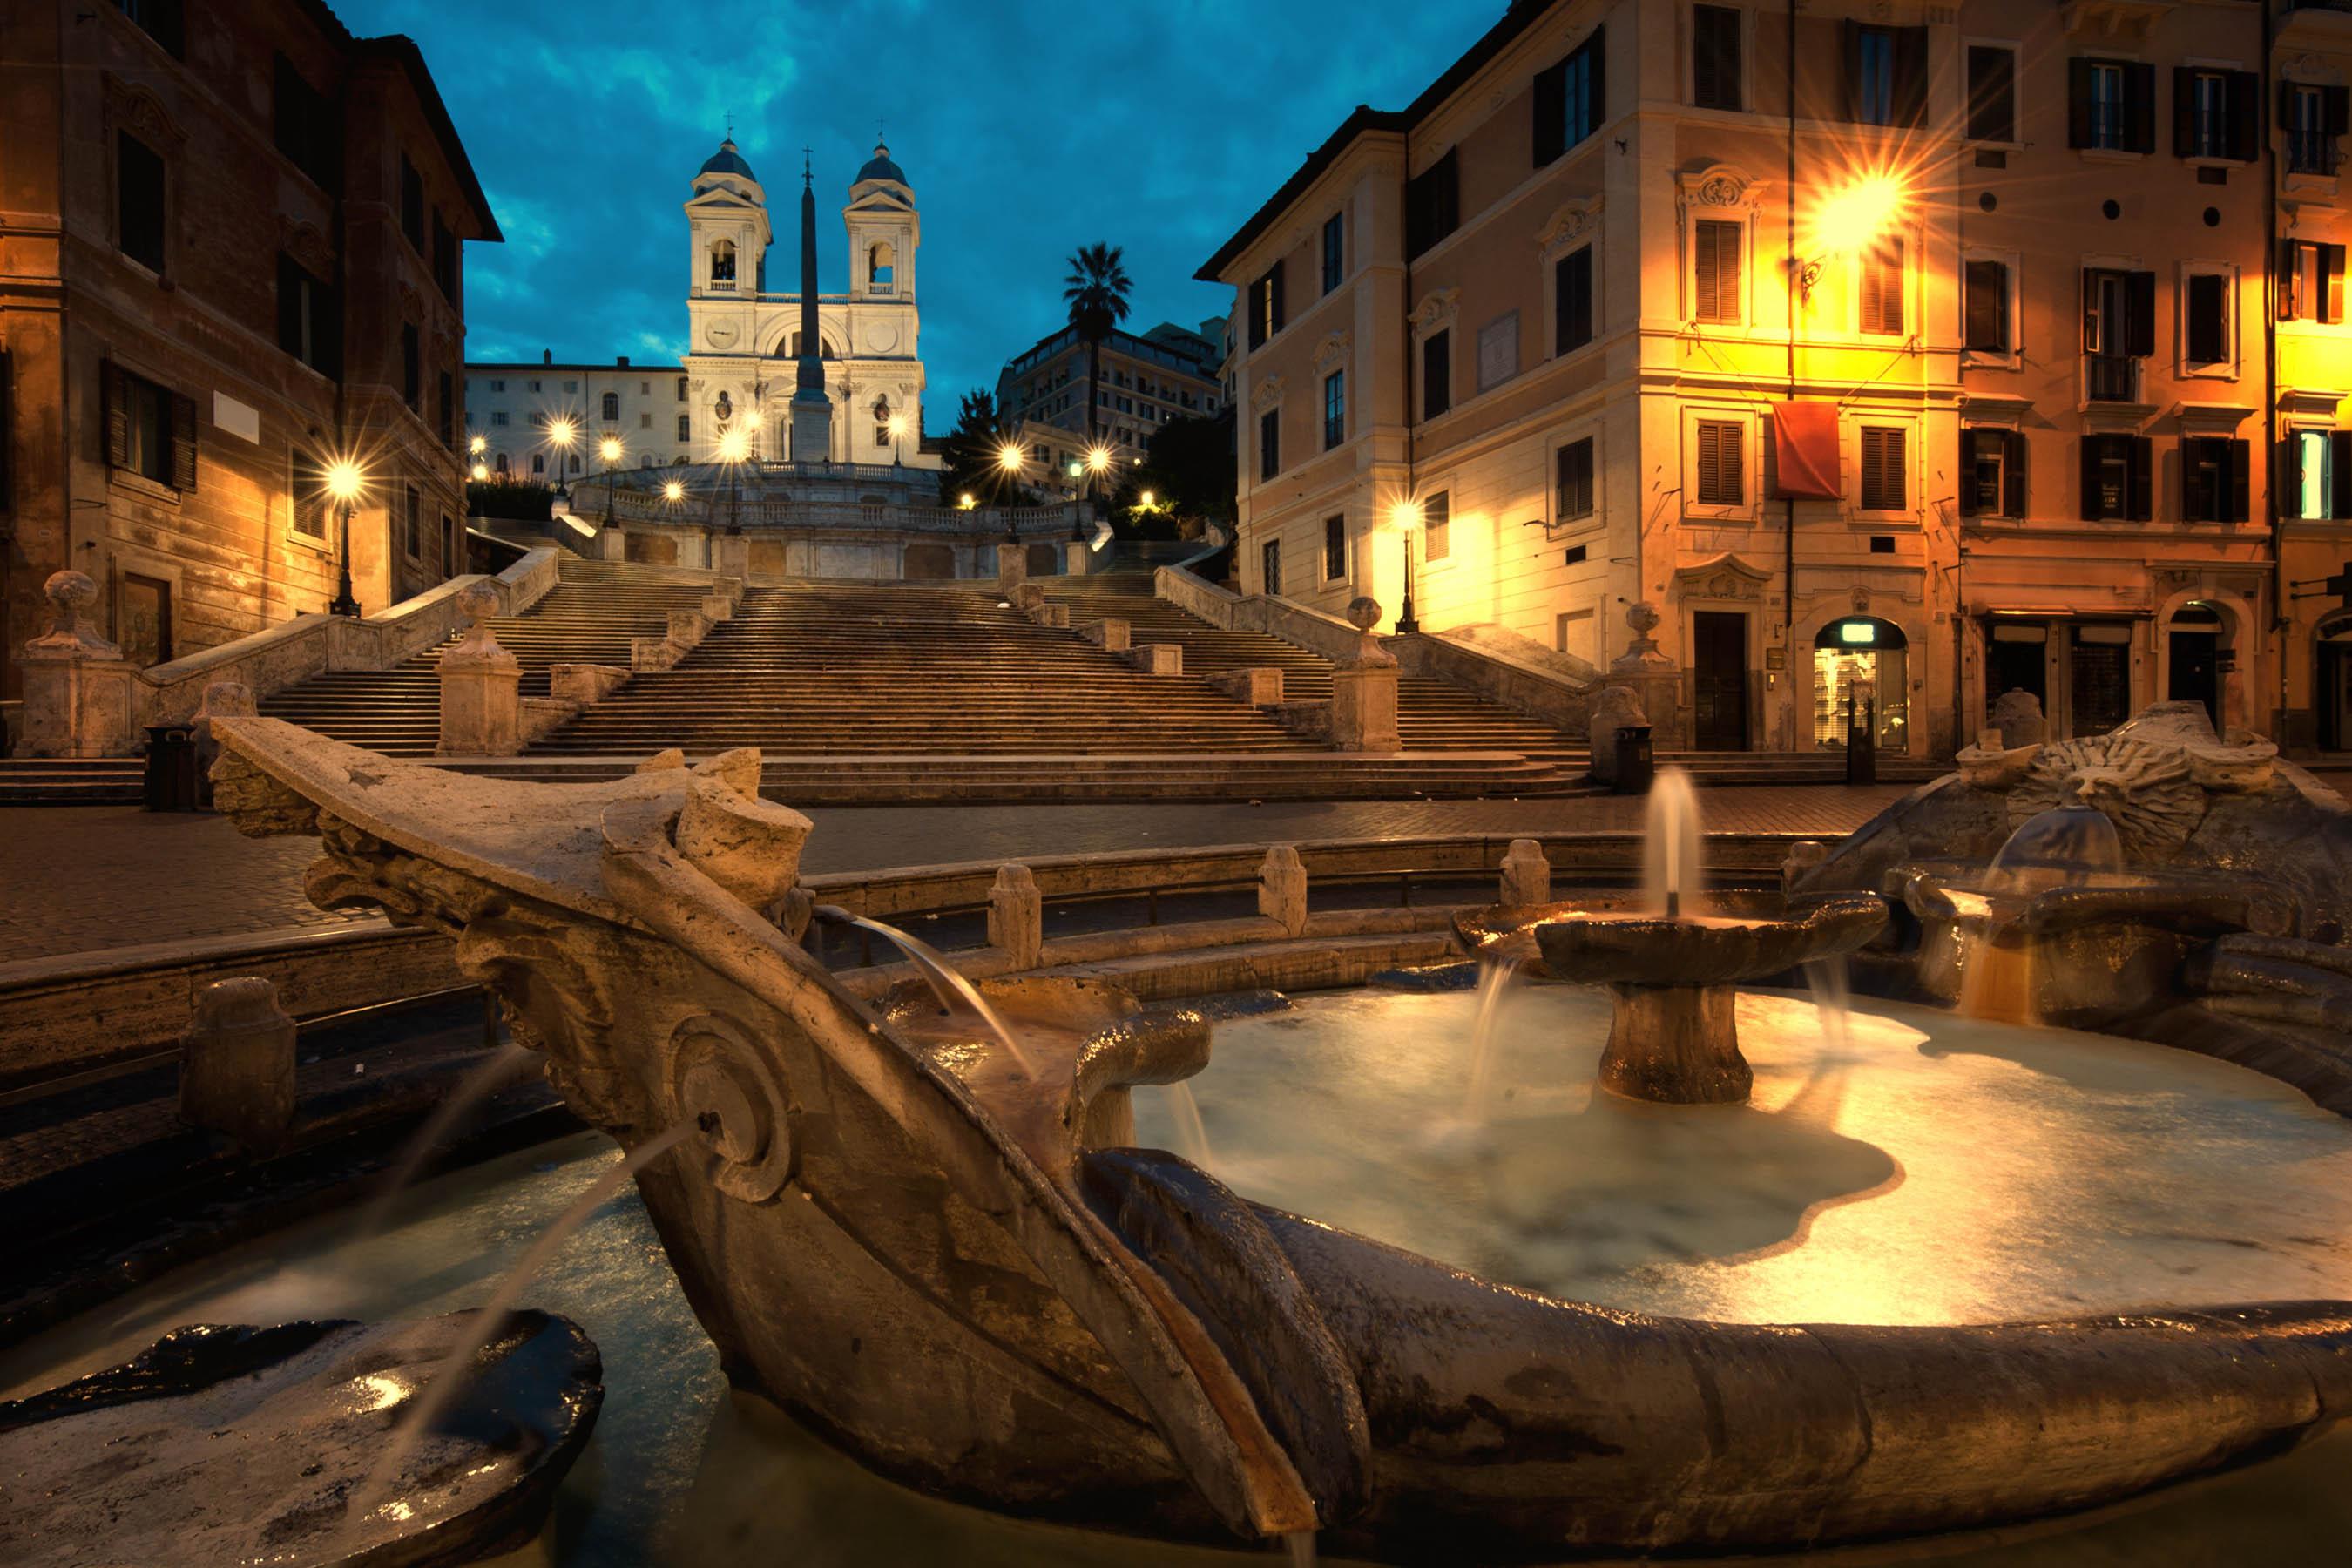 Roma cosa vedere a roma for Case belle da vedere